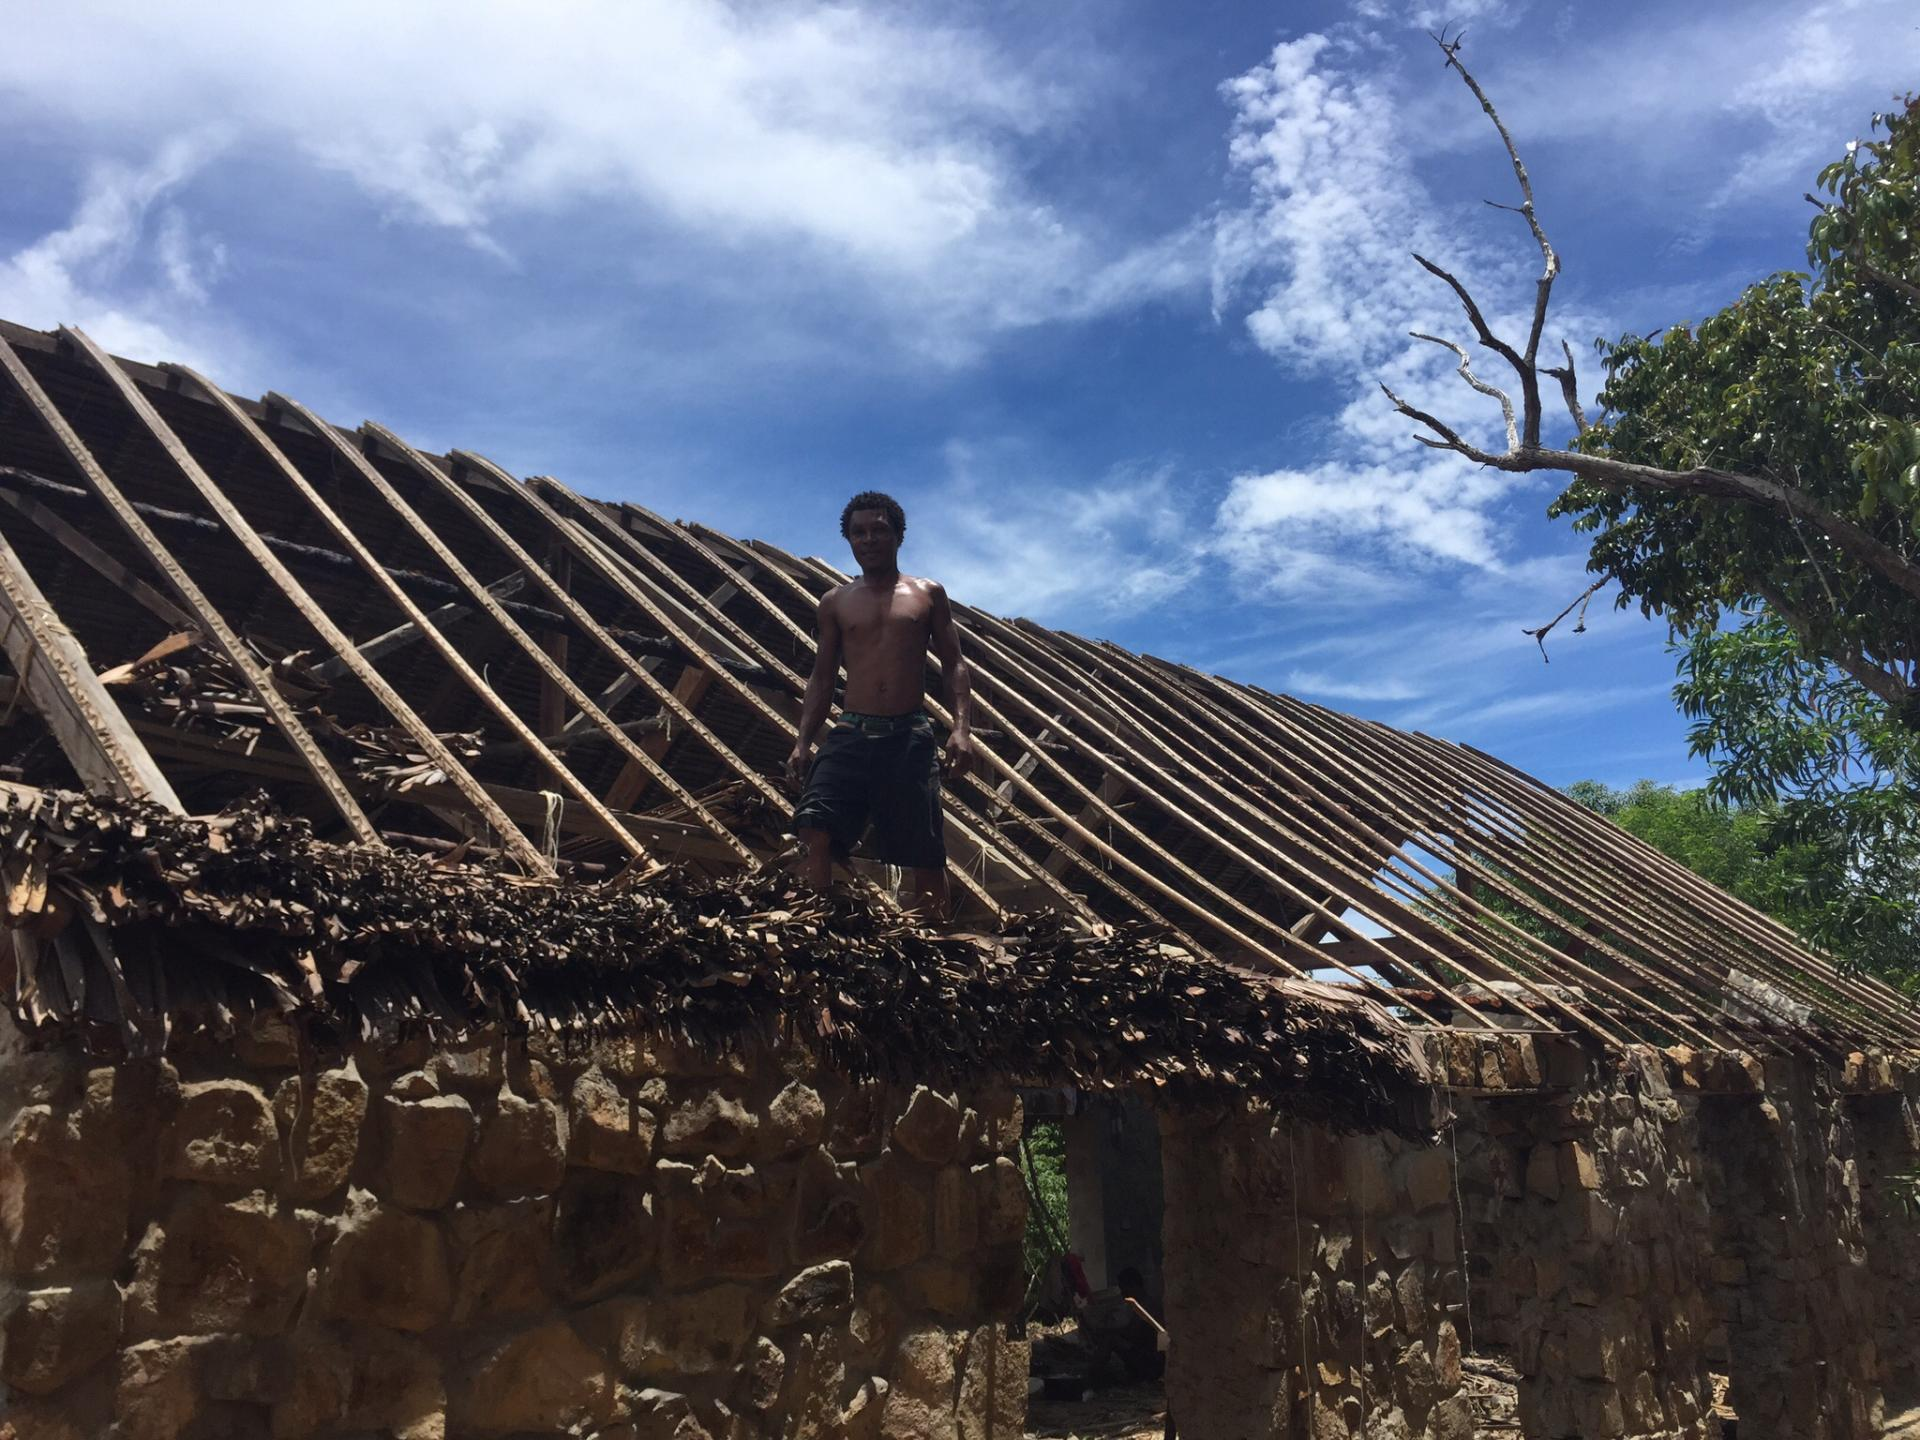 Pour la toiture ,feuilles d'arbres du voyageur